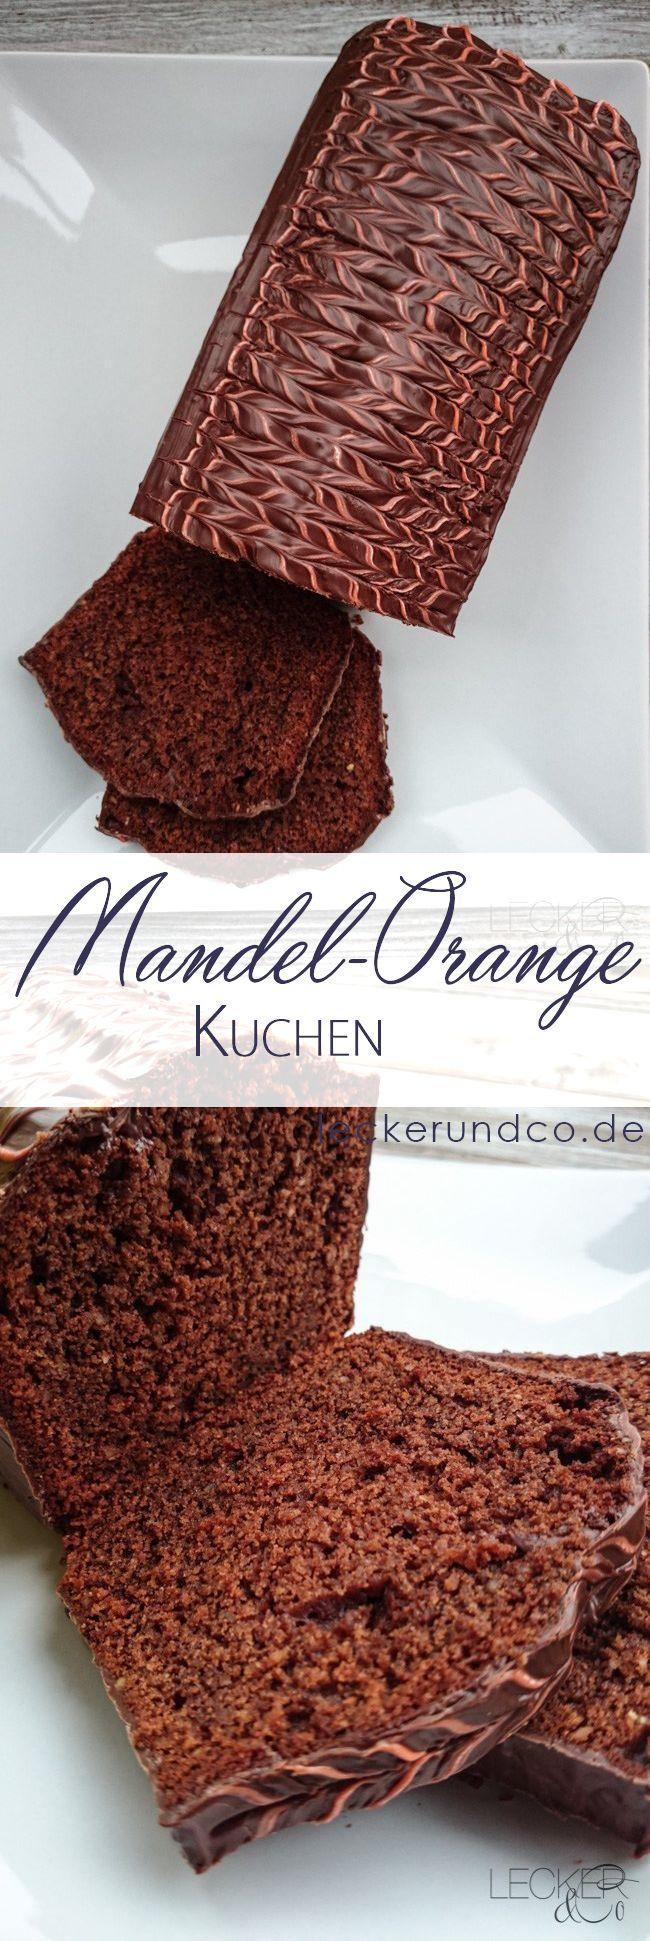 Mandel-Orangen-Kuchen